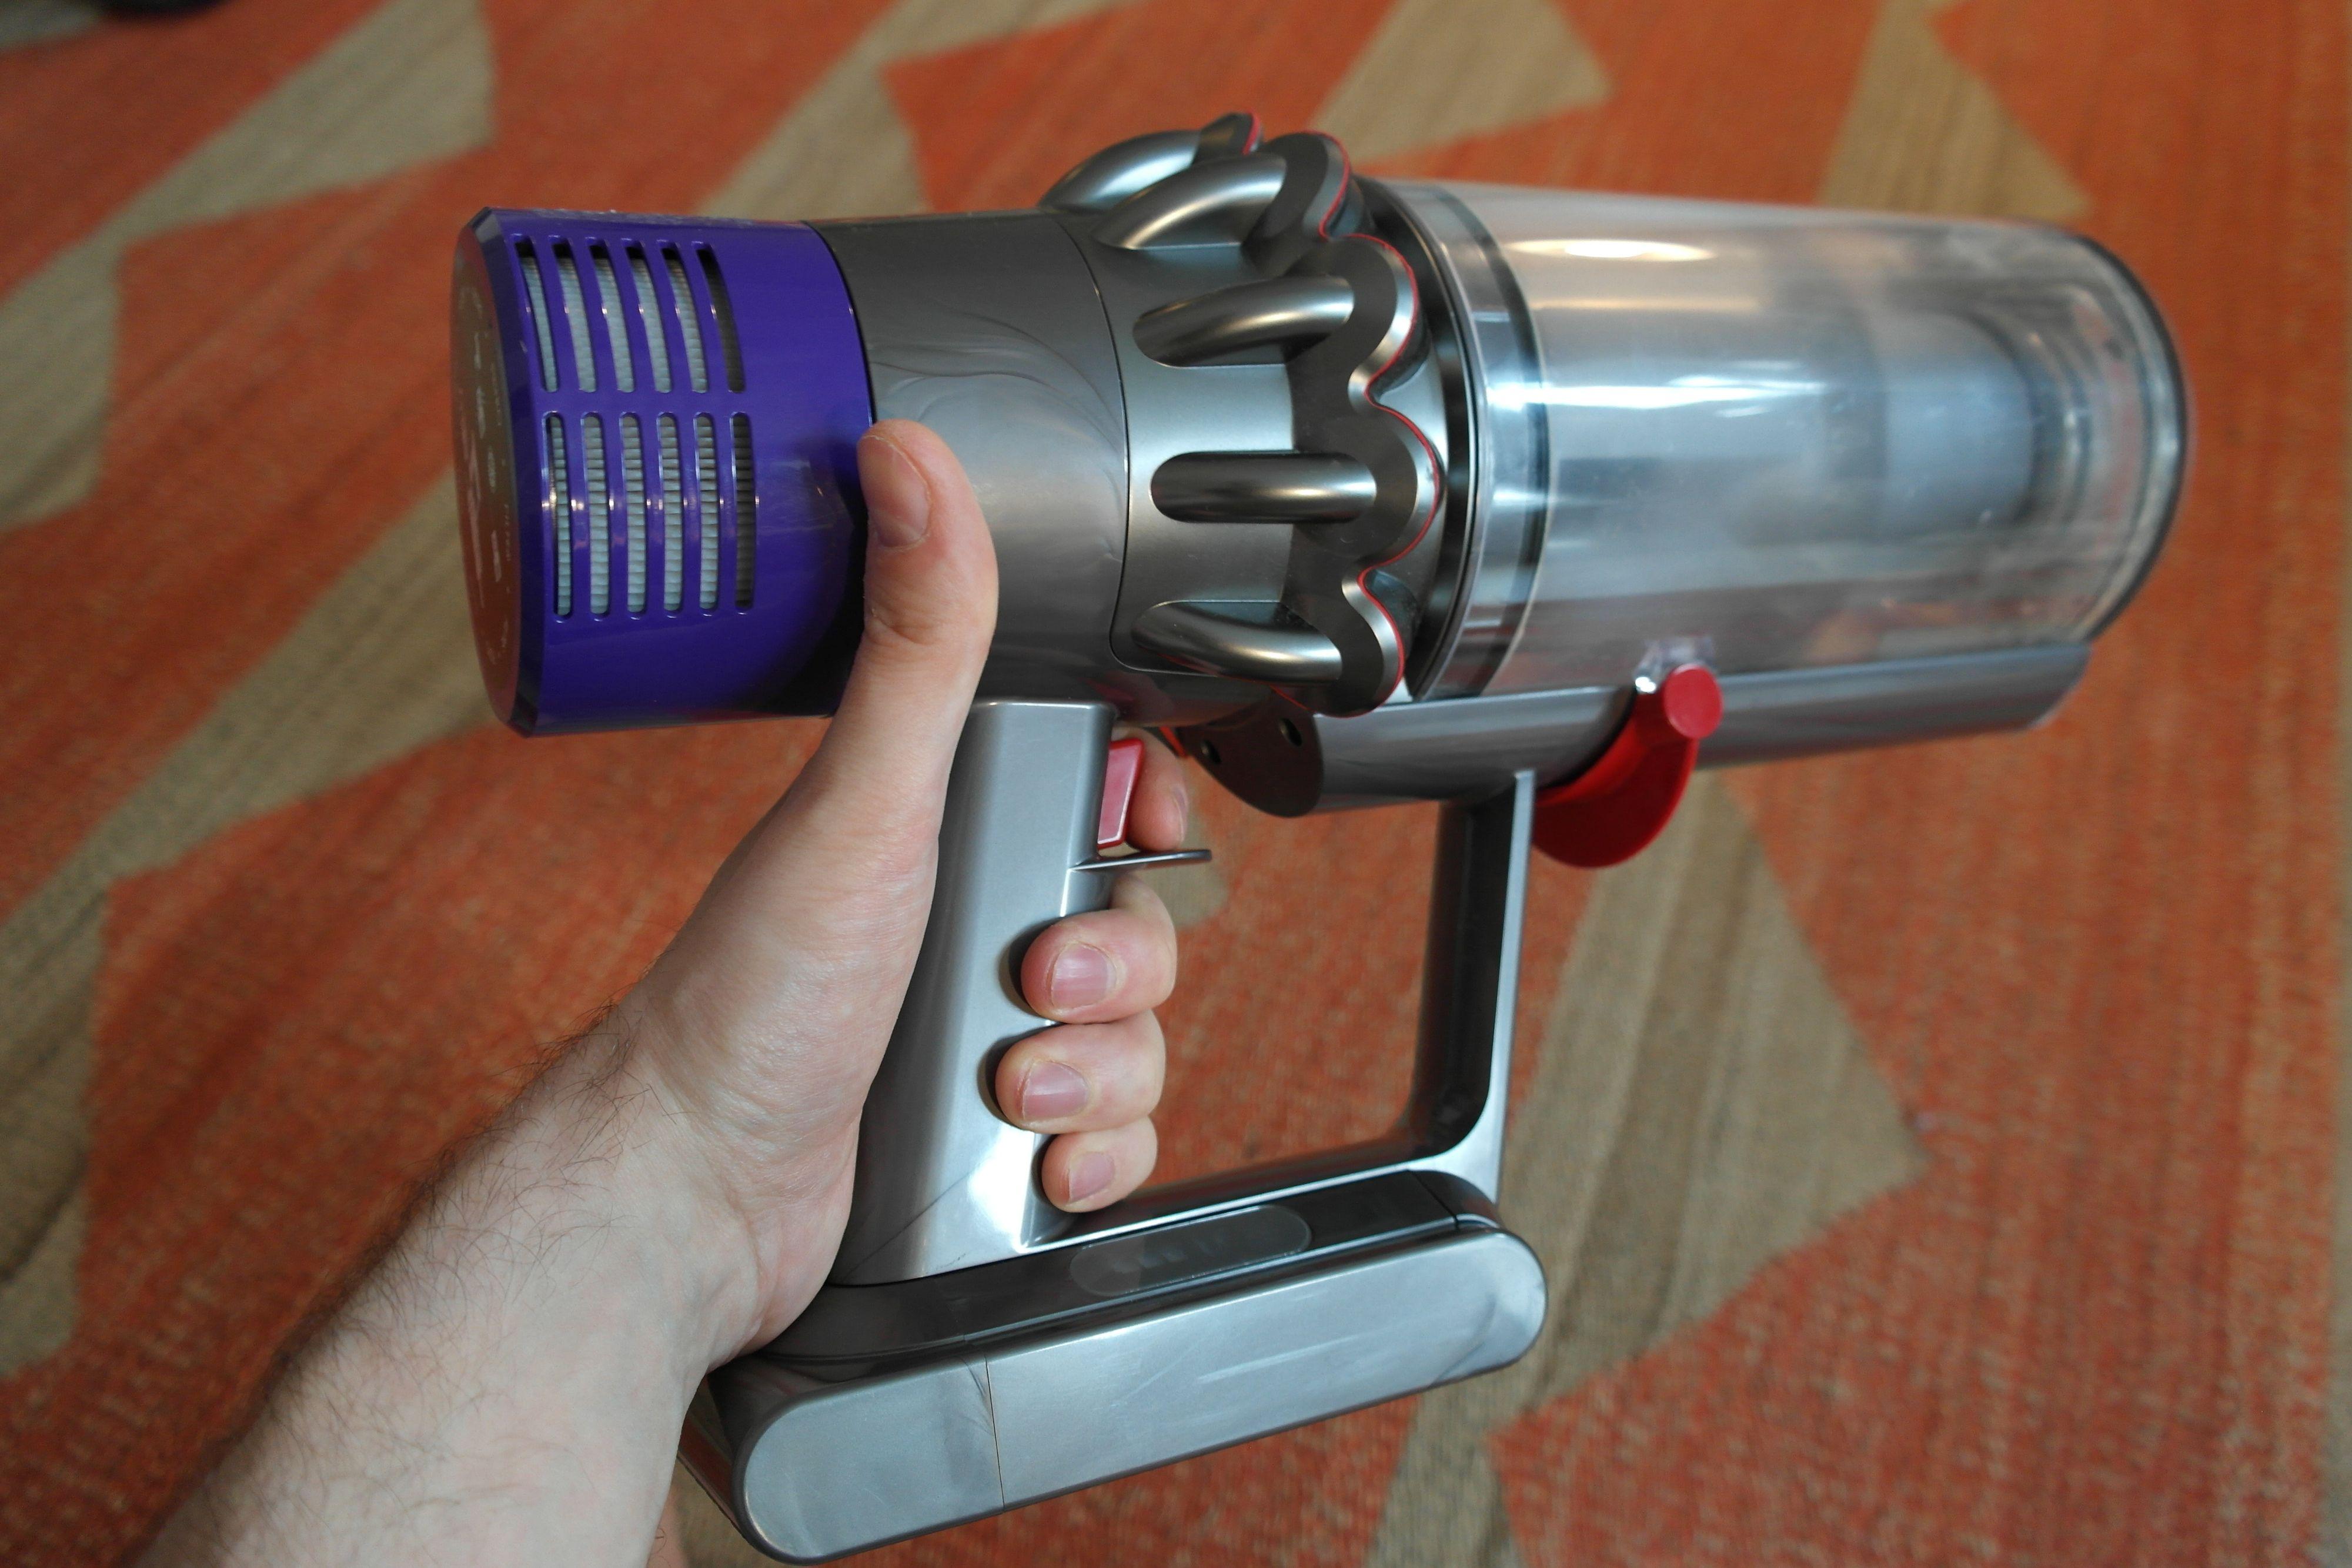 Dyson-støvsugerne er gode, men har også en del irritasjonsmomenter - blant annet at man er nødt til å holde inne knappen for å støvsuge.